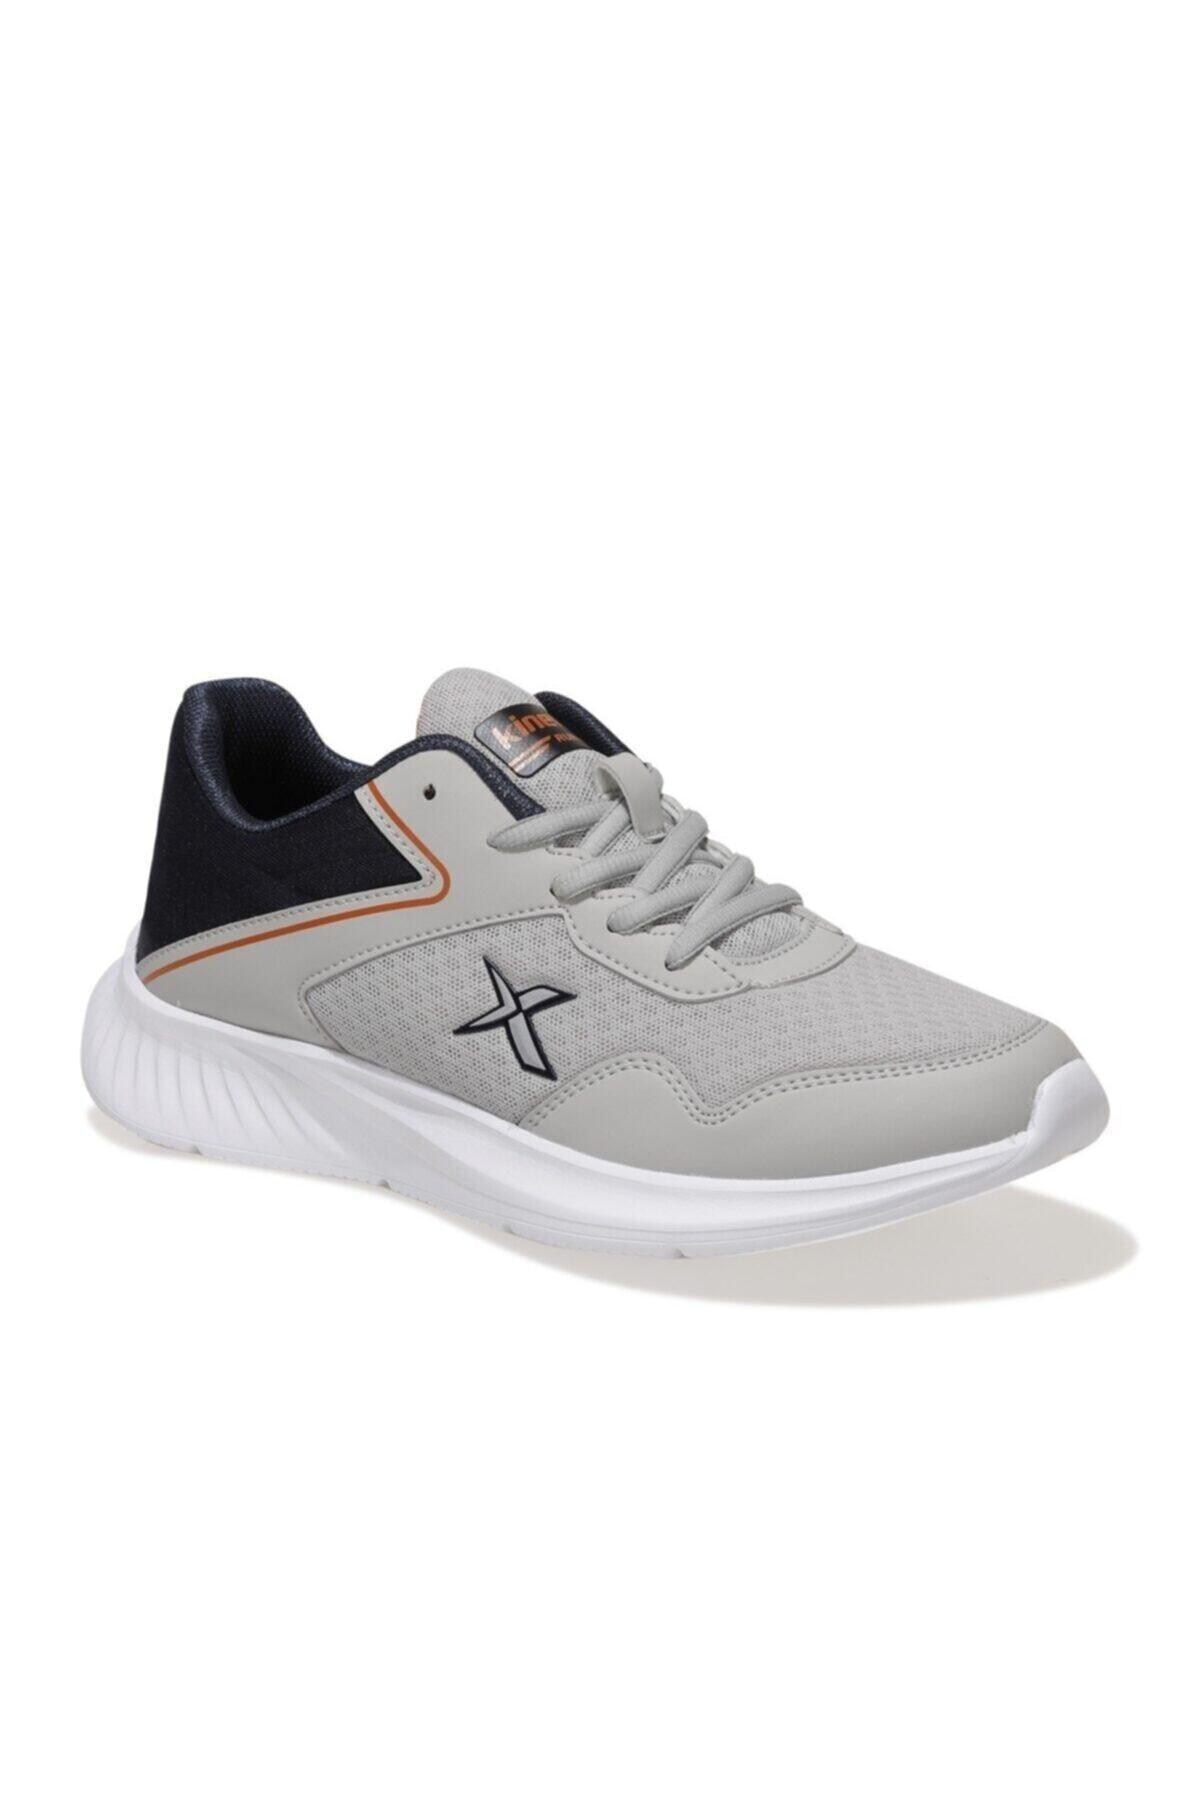 JAKE 1FX Gri Erkek Koşu Ayakkabısı 100603031